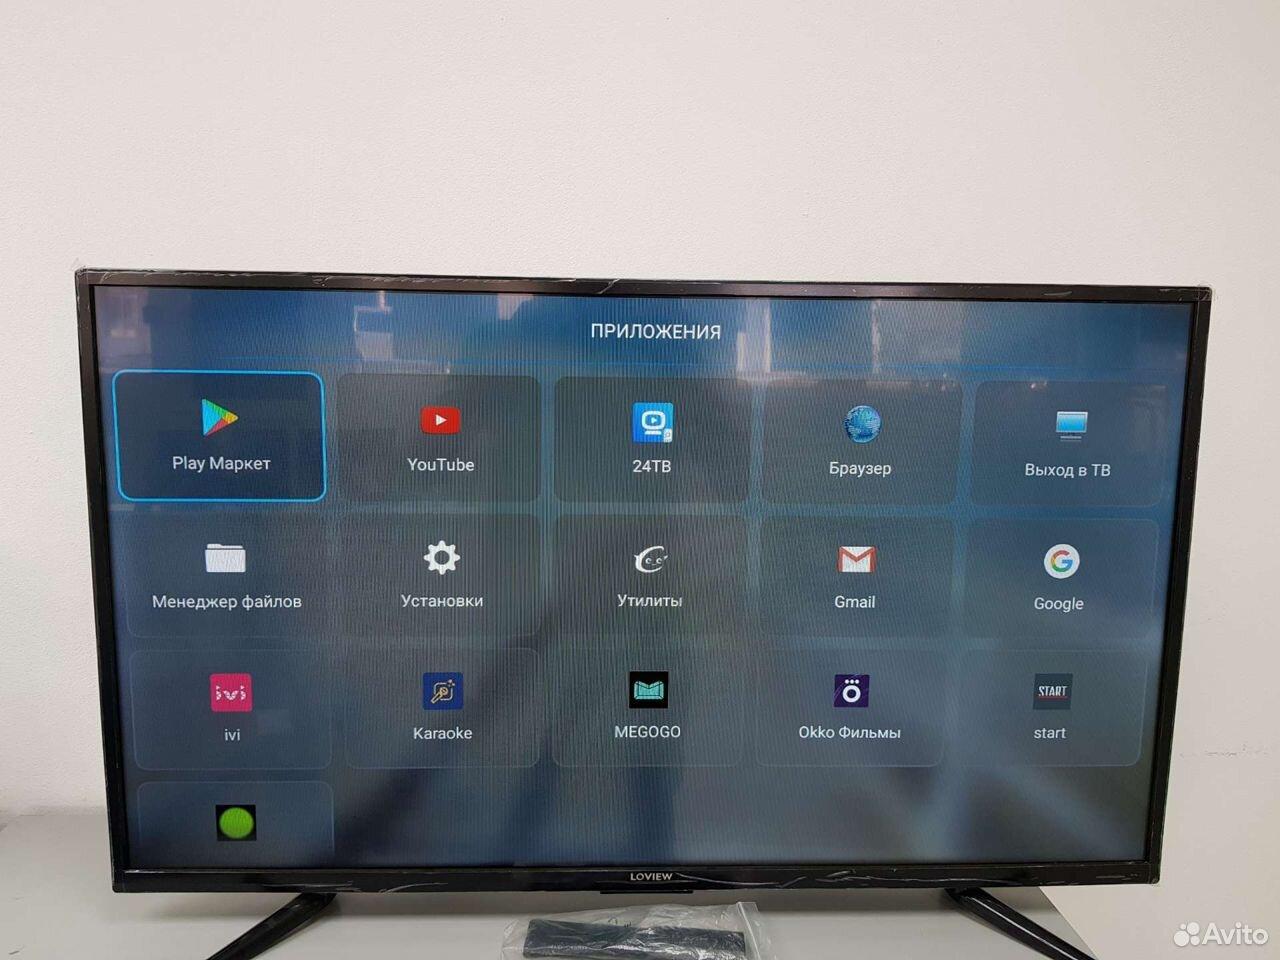 Д7) Телевизор Loview L39F401T2S  89642602386 купить 2